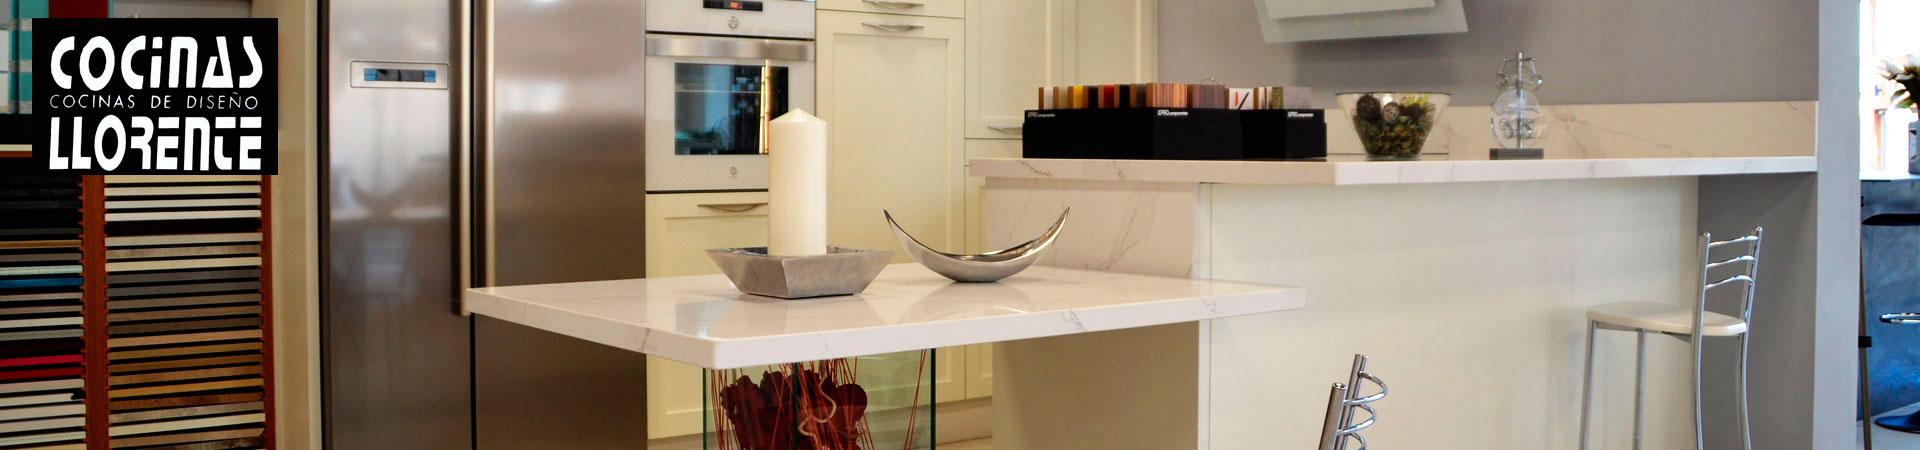 Cocinas LLorente – Muebles de cocina y baños en Dos Hermanas.portaldetuciudad...